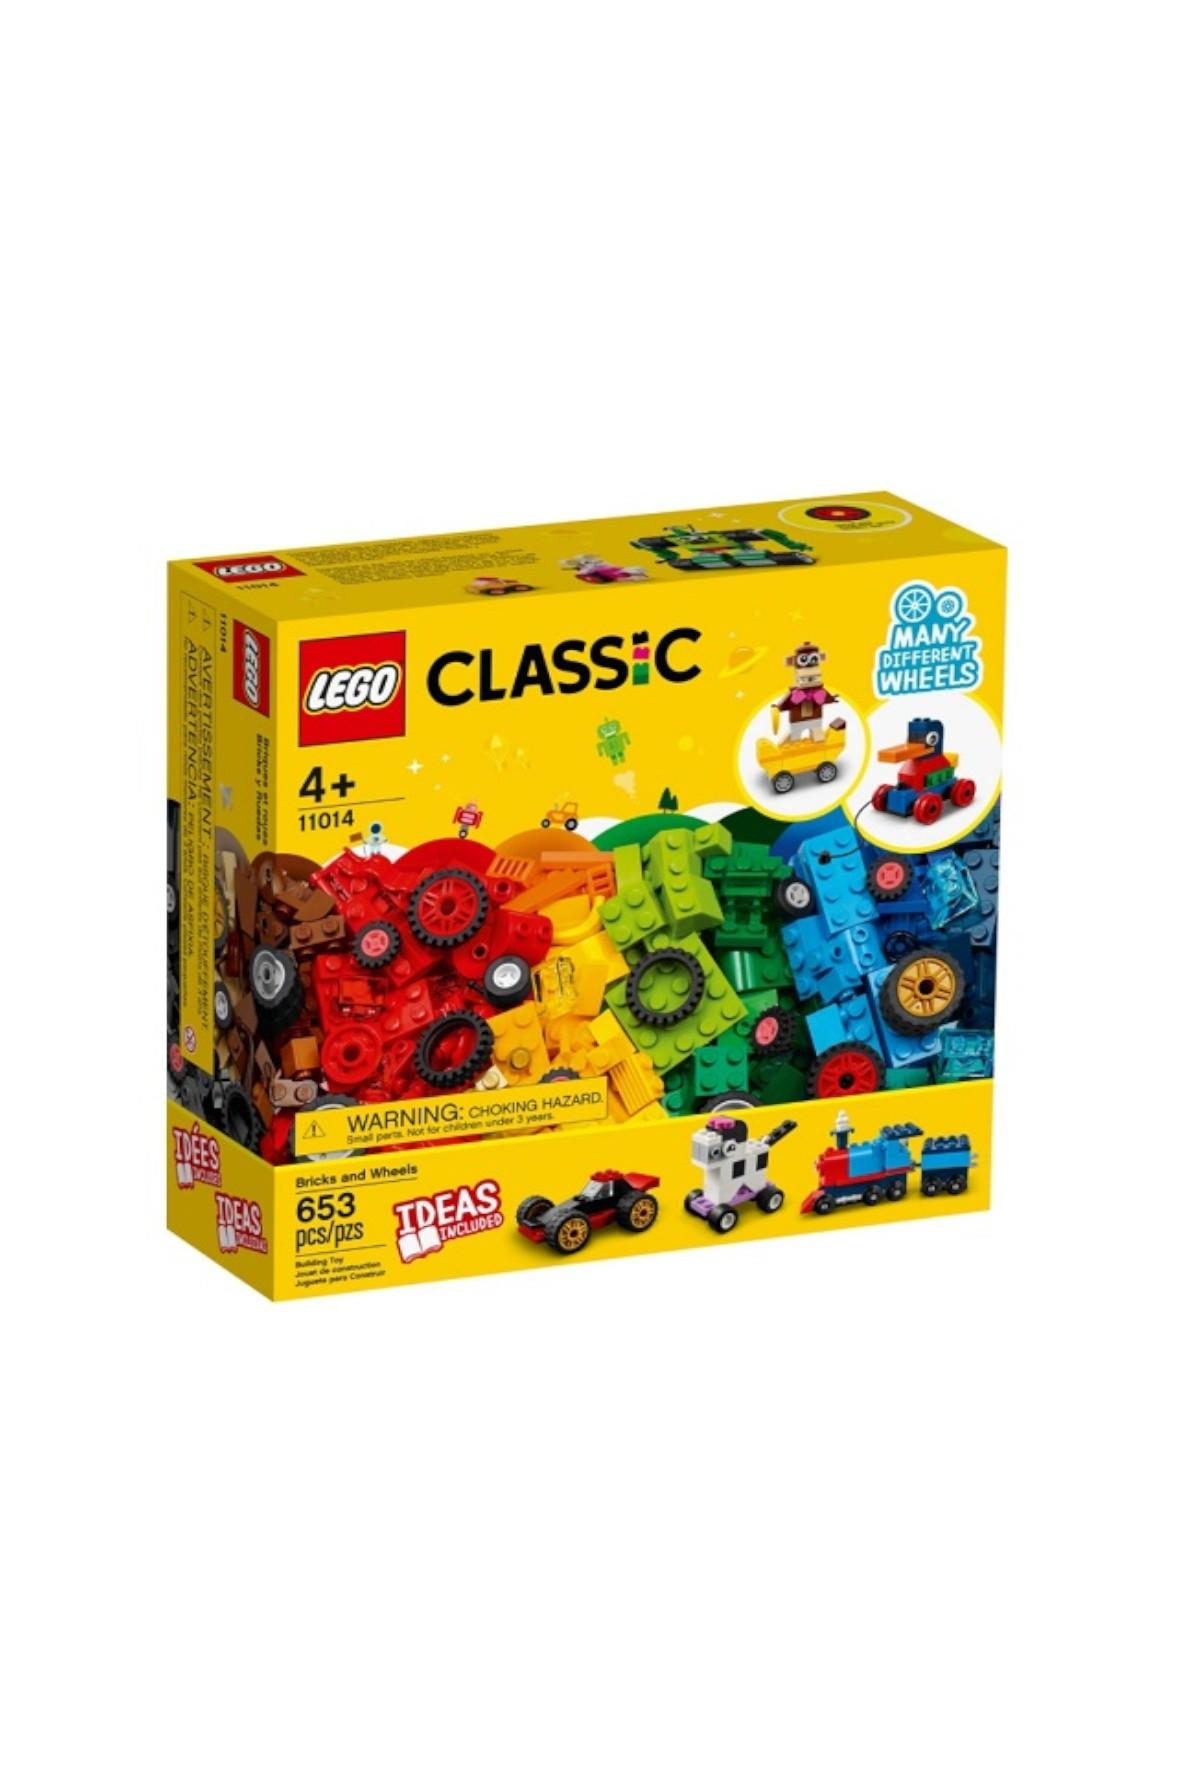 LEGO Classic - Klocki na kołach - 653 el wiek 4+